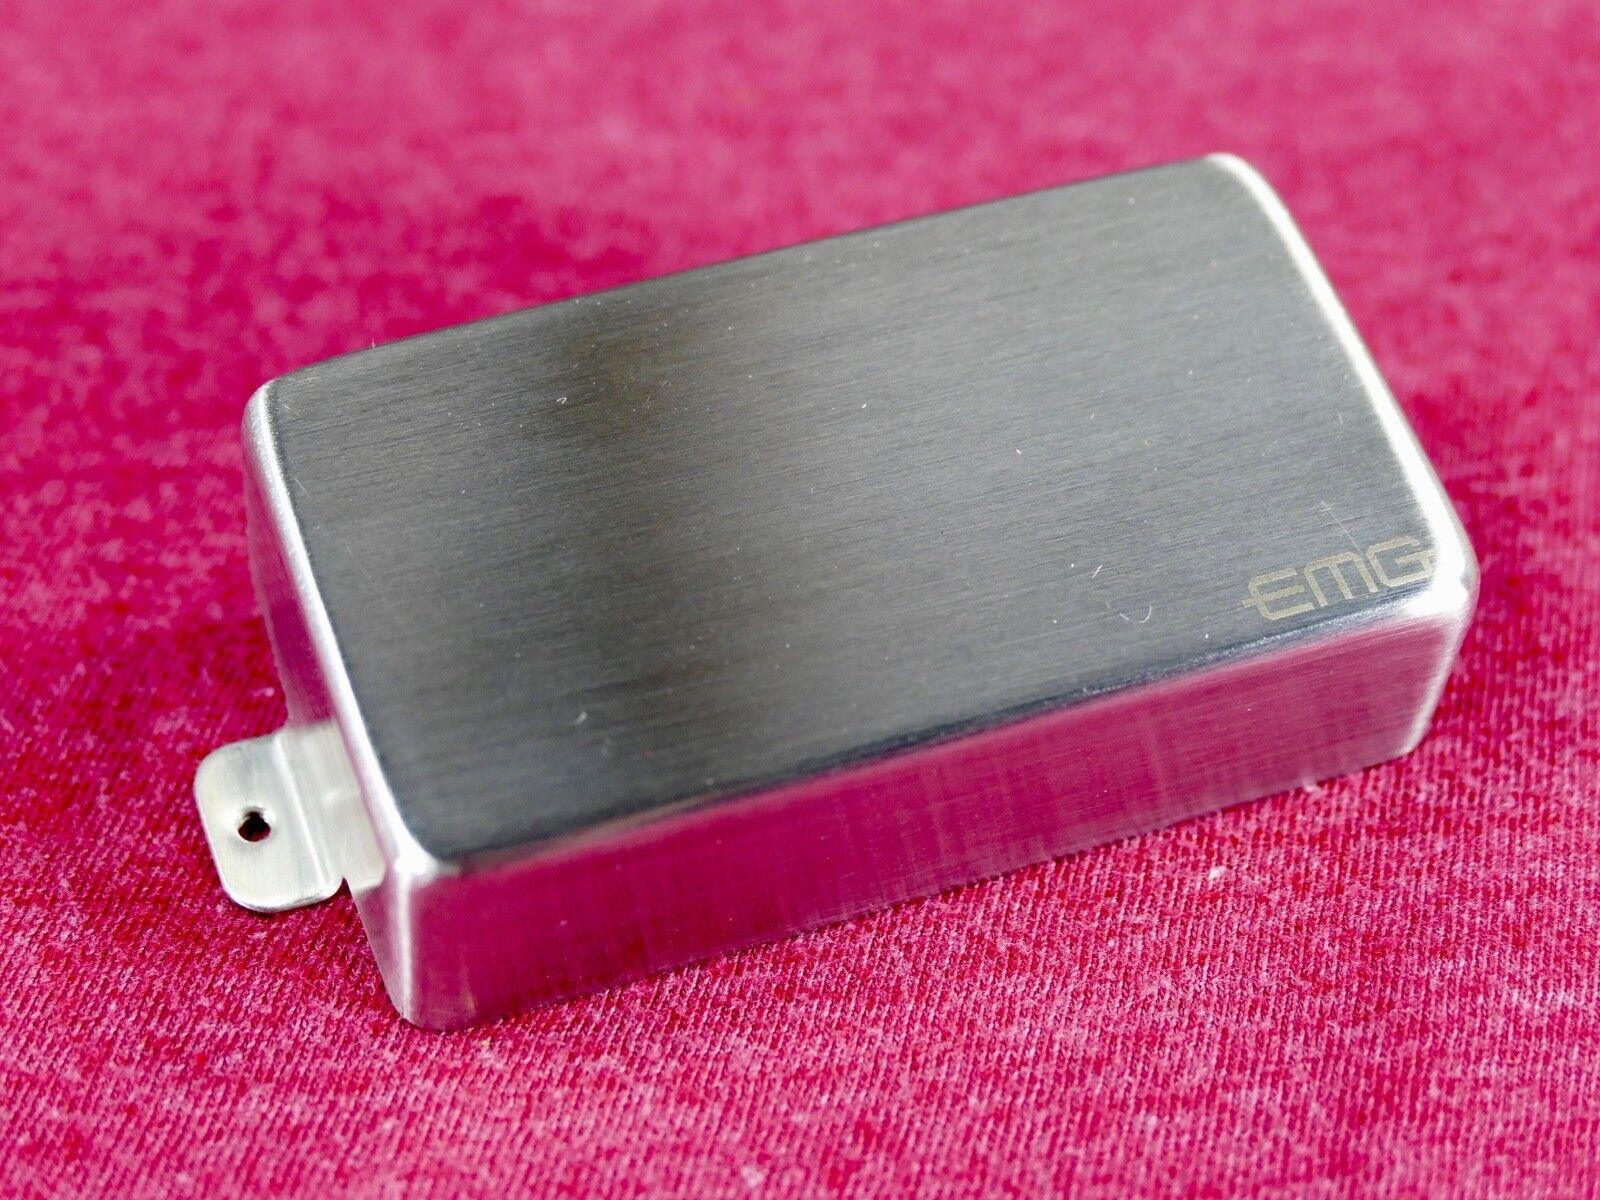 EMG 60 brushed chrome pickup NEW - active humbucker